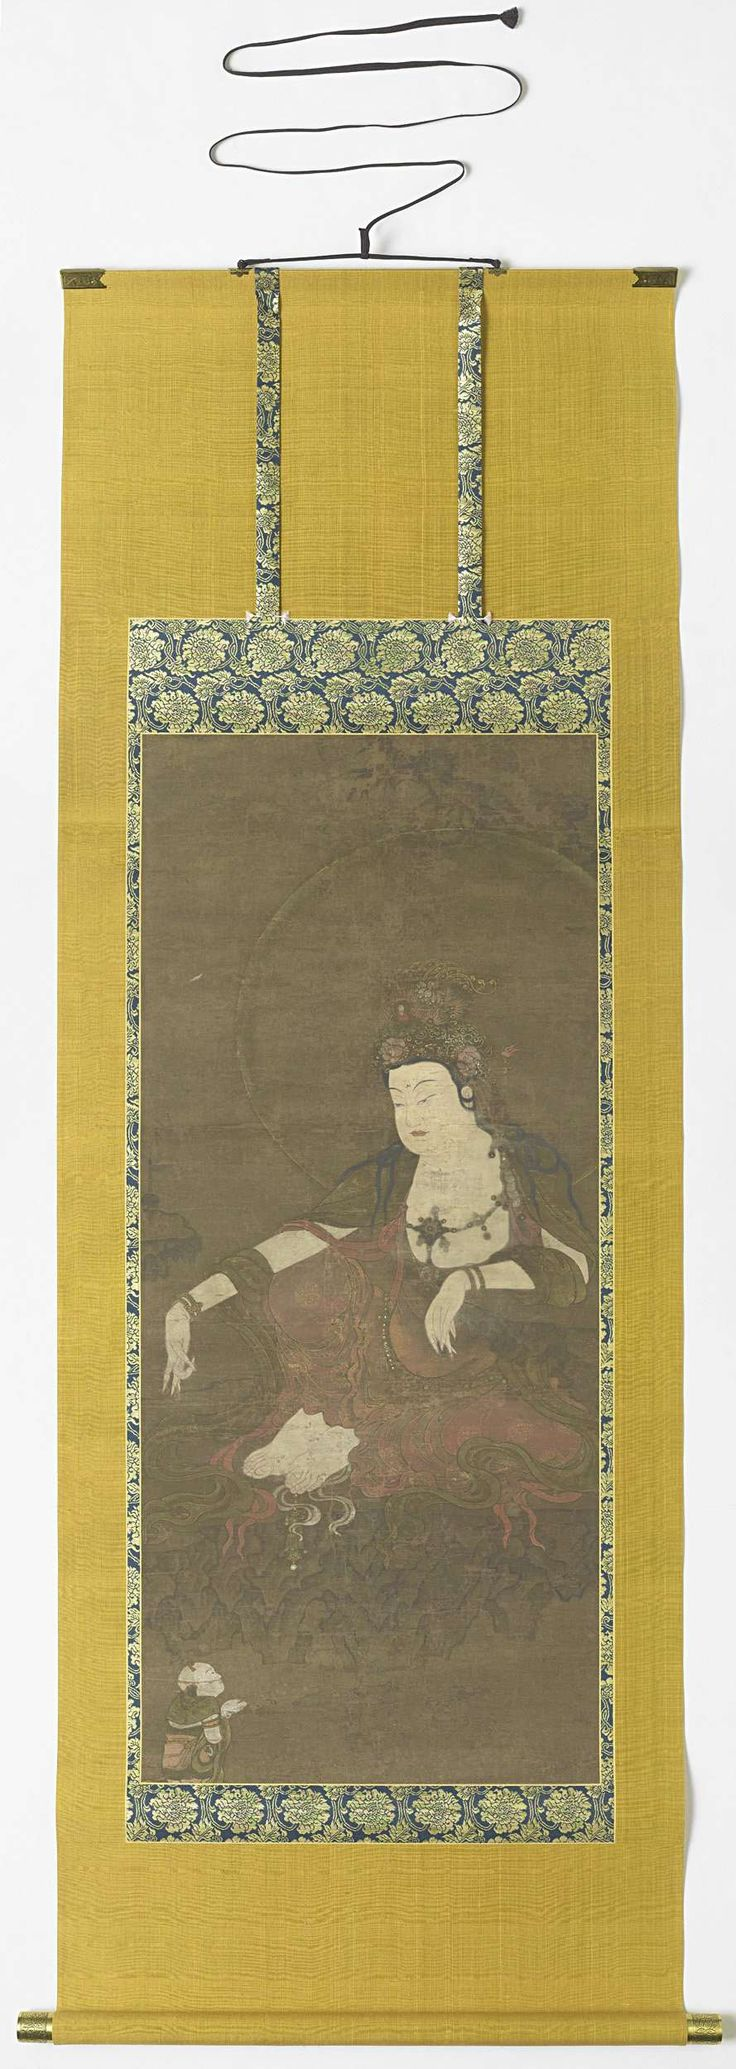 Kwanum, Anonymous, , 1300 - 1400